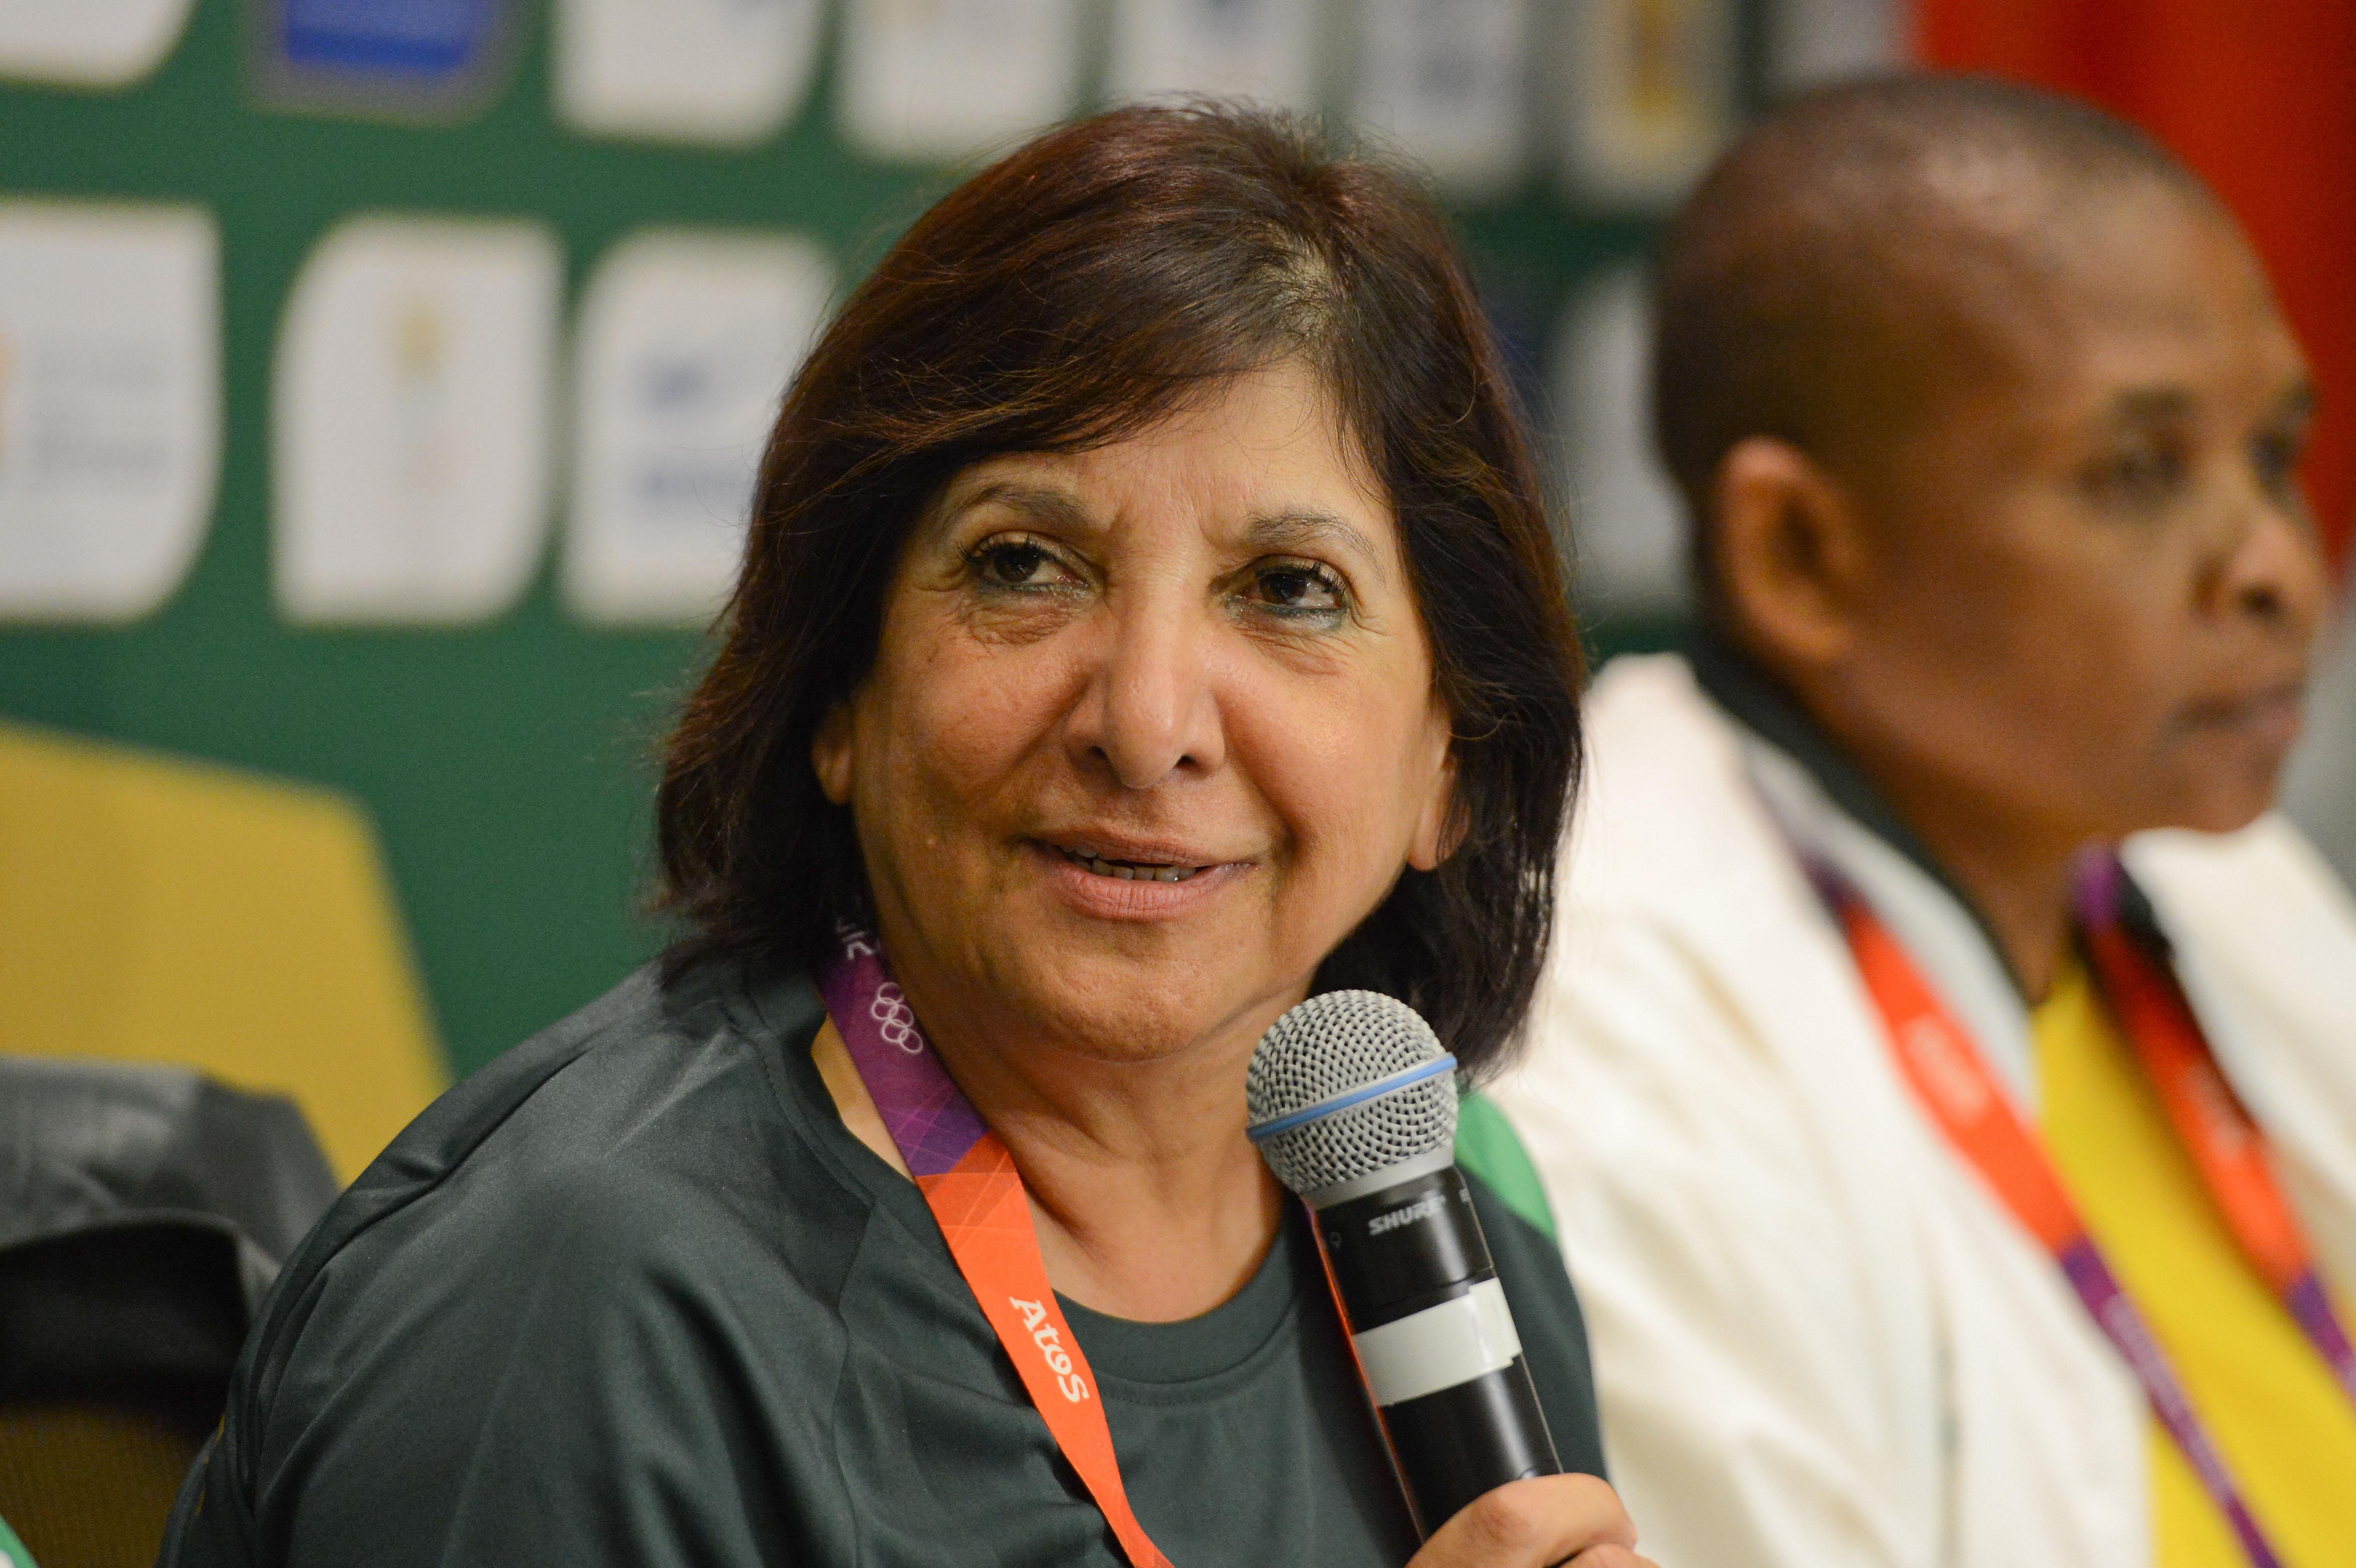 Image: Hajera Kajee - 2012 London Olympics: Team SA press conference